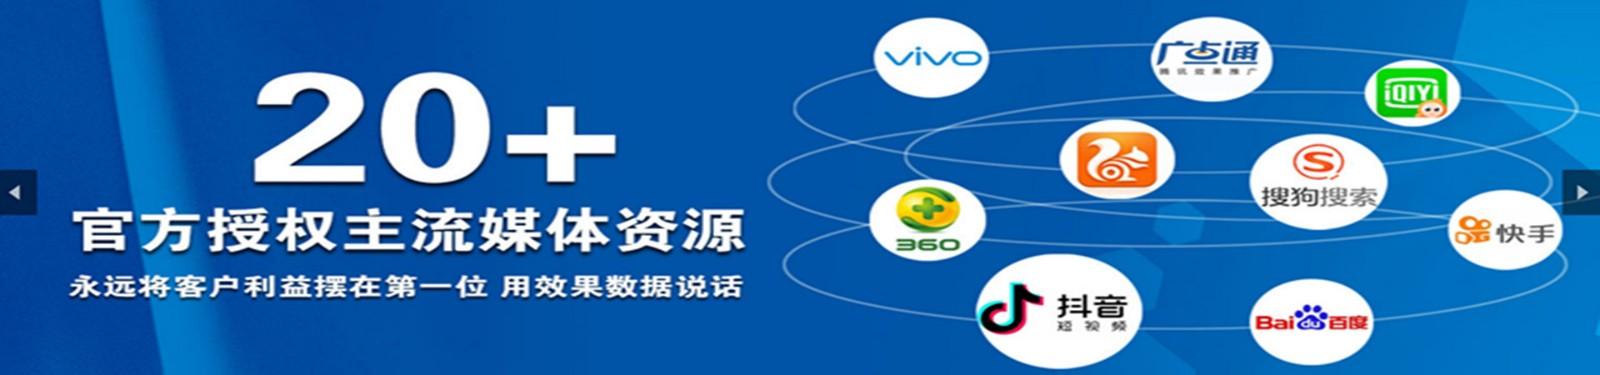 武汉青橙云科技ballbet贝博app下载ios公司介绍